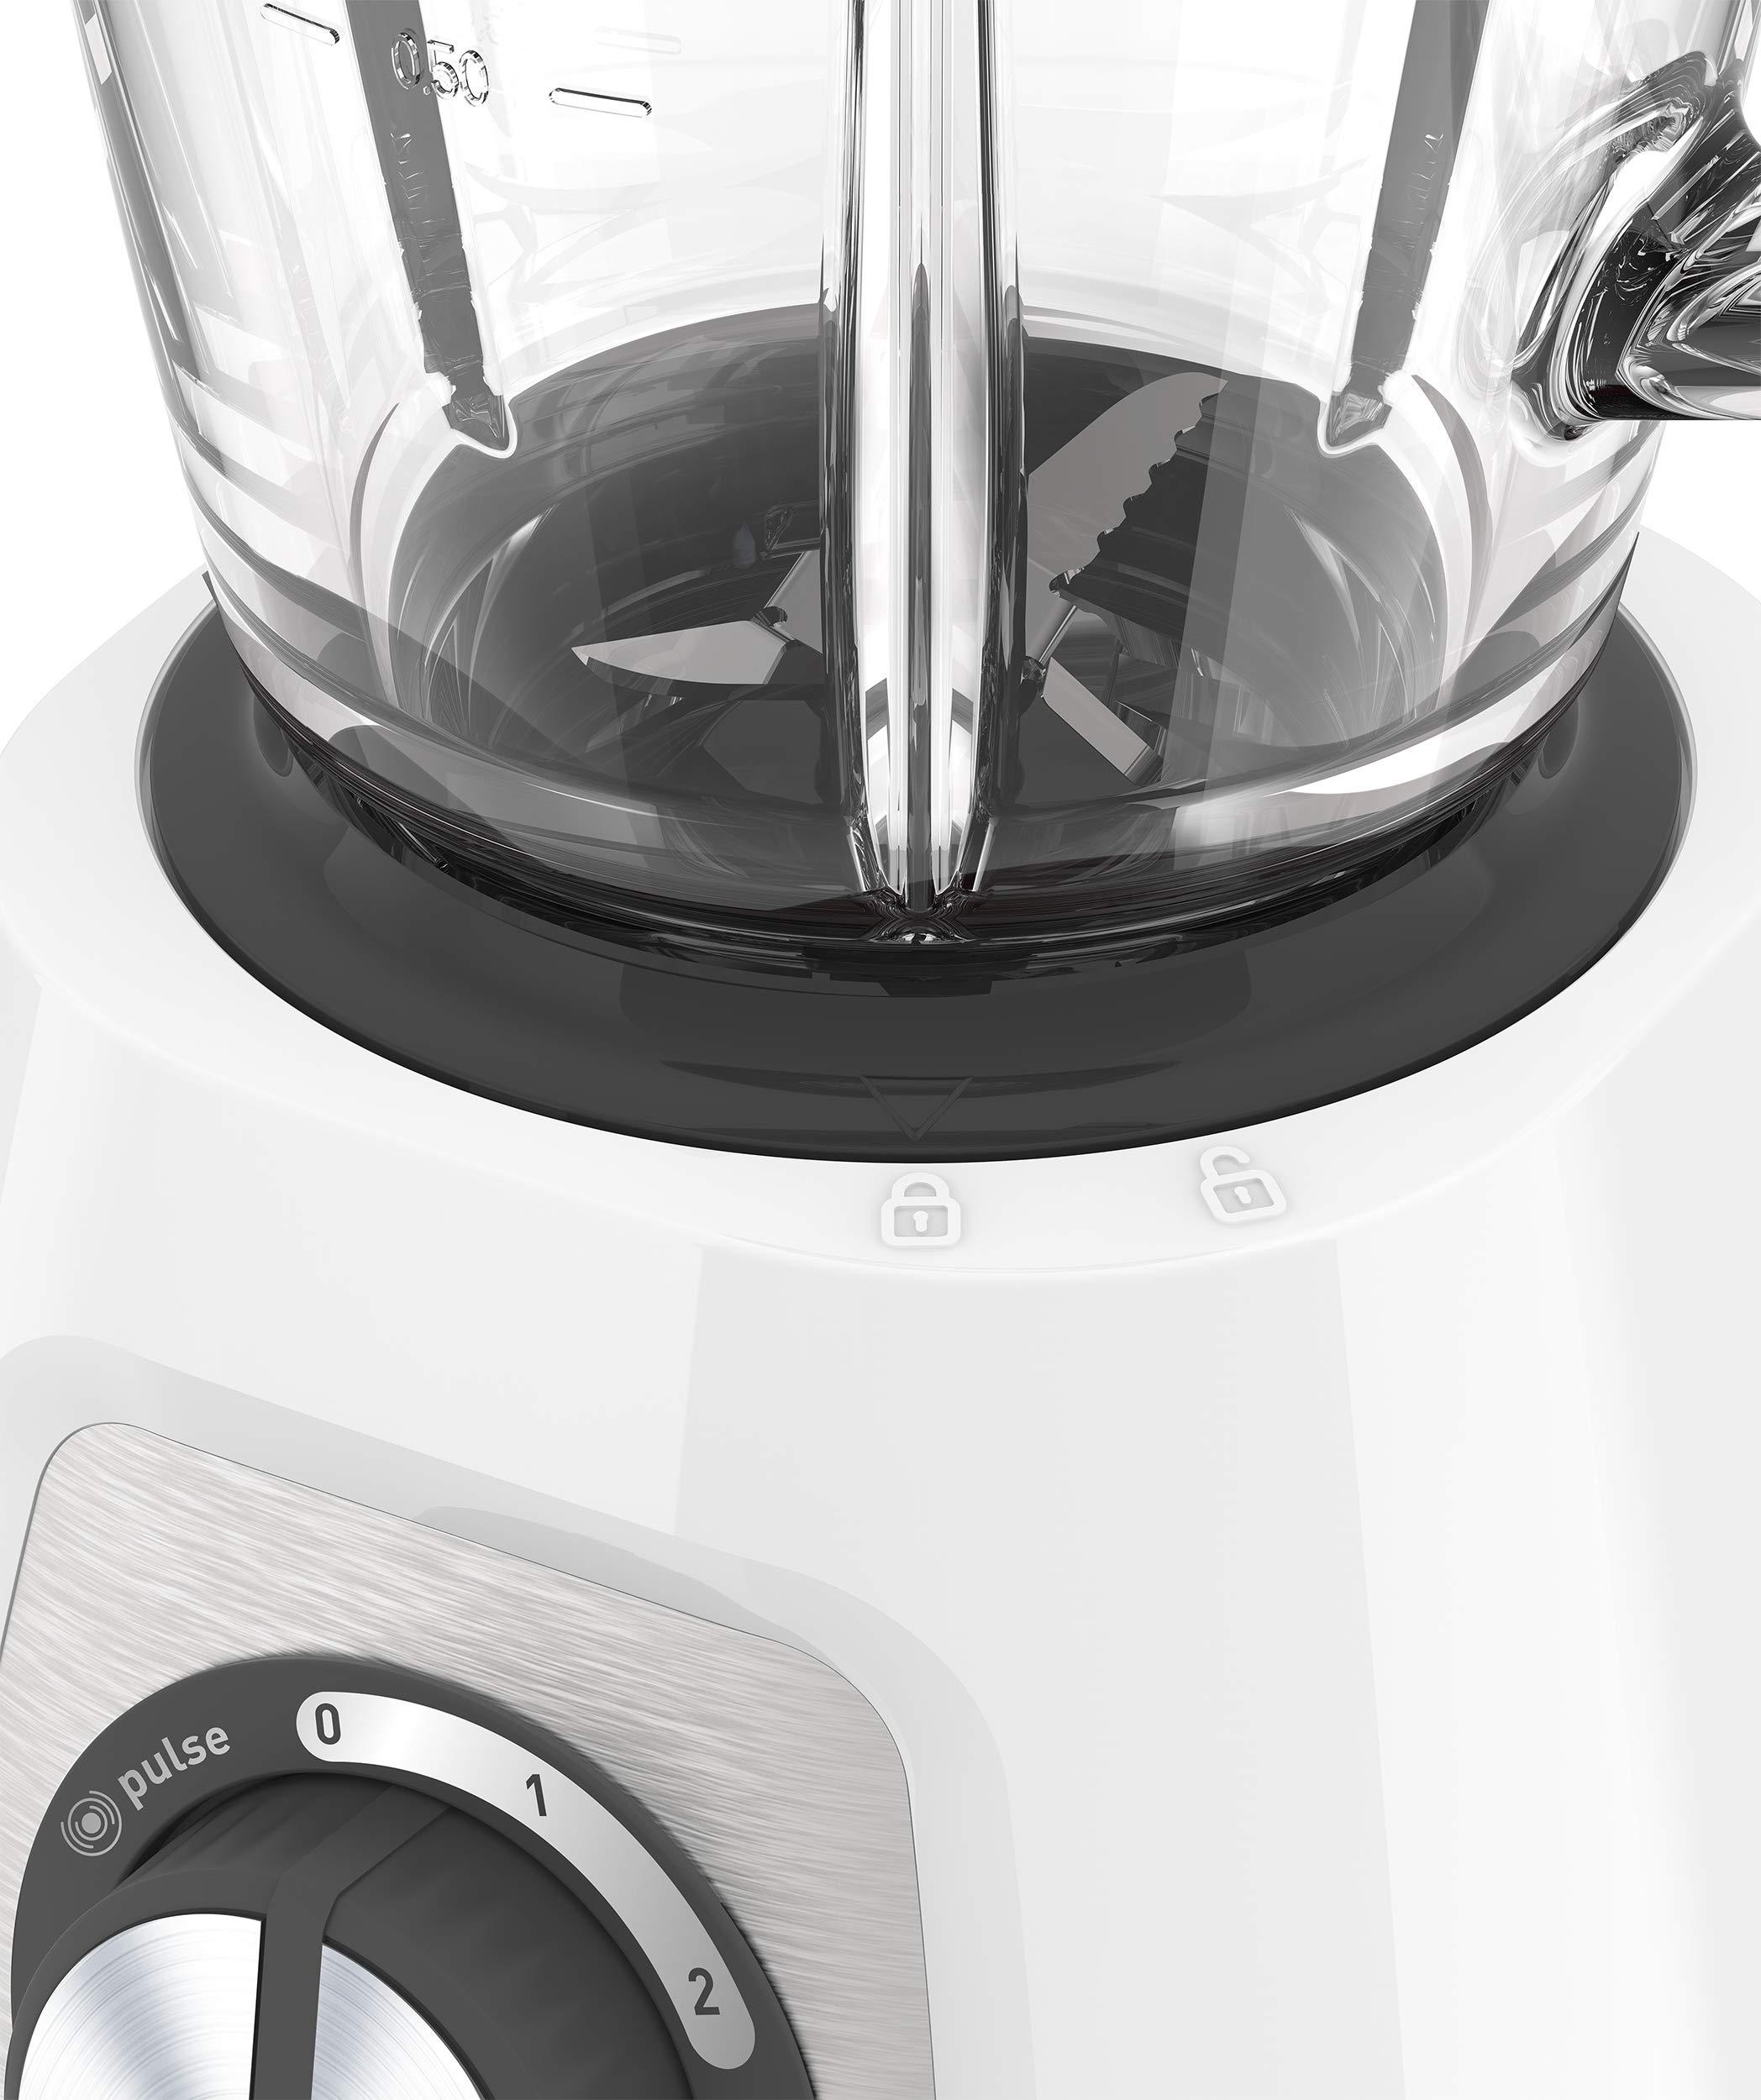 Krups-KB4351-Blendforce-Standmixer-800-Watt-125-l-Nutzkapazitt-Glasbehlter-edelstahlmesser-wei